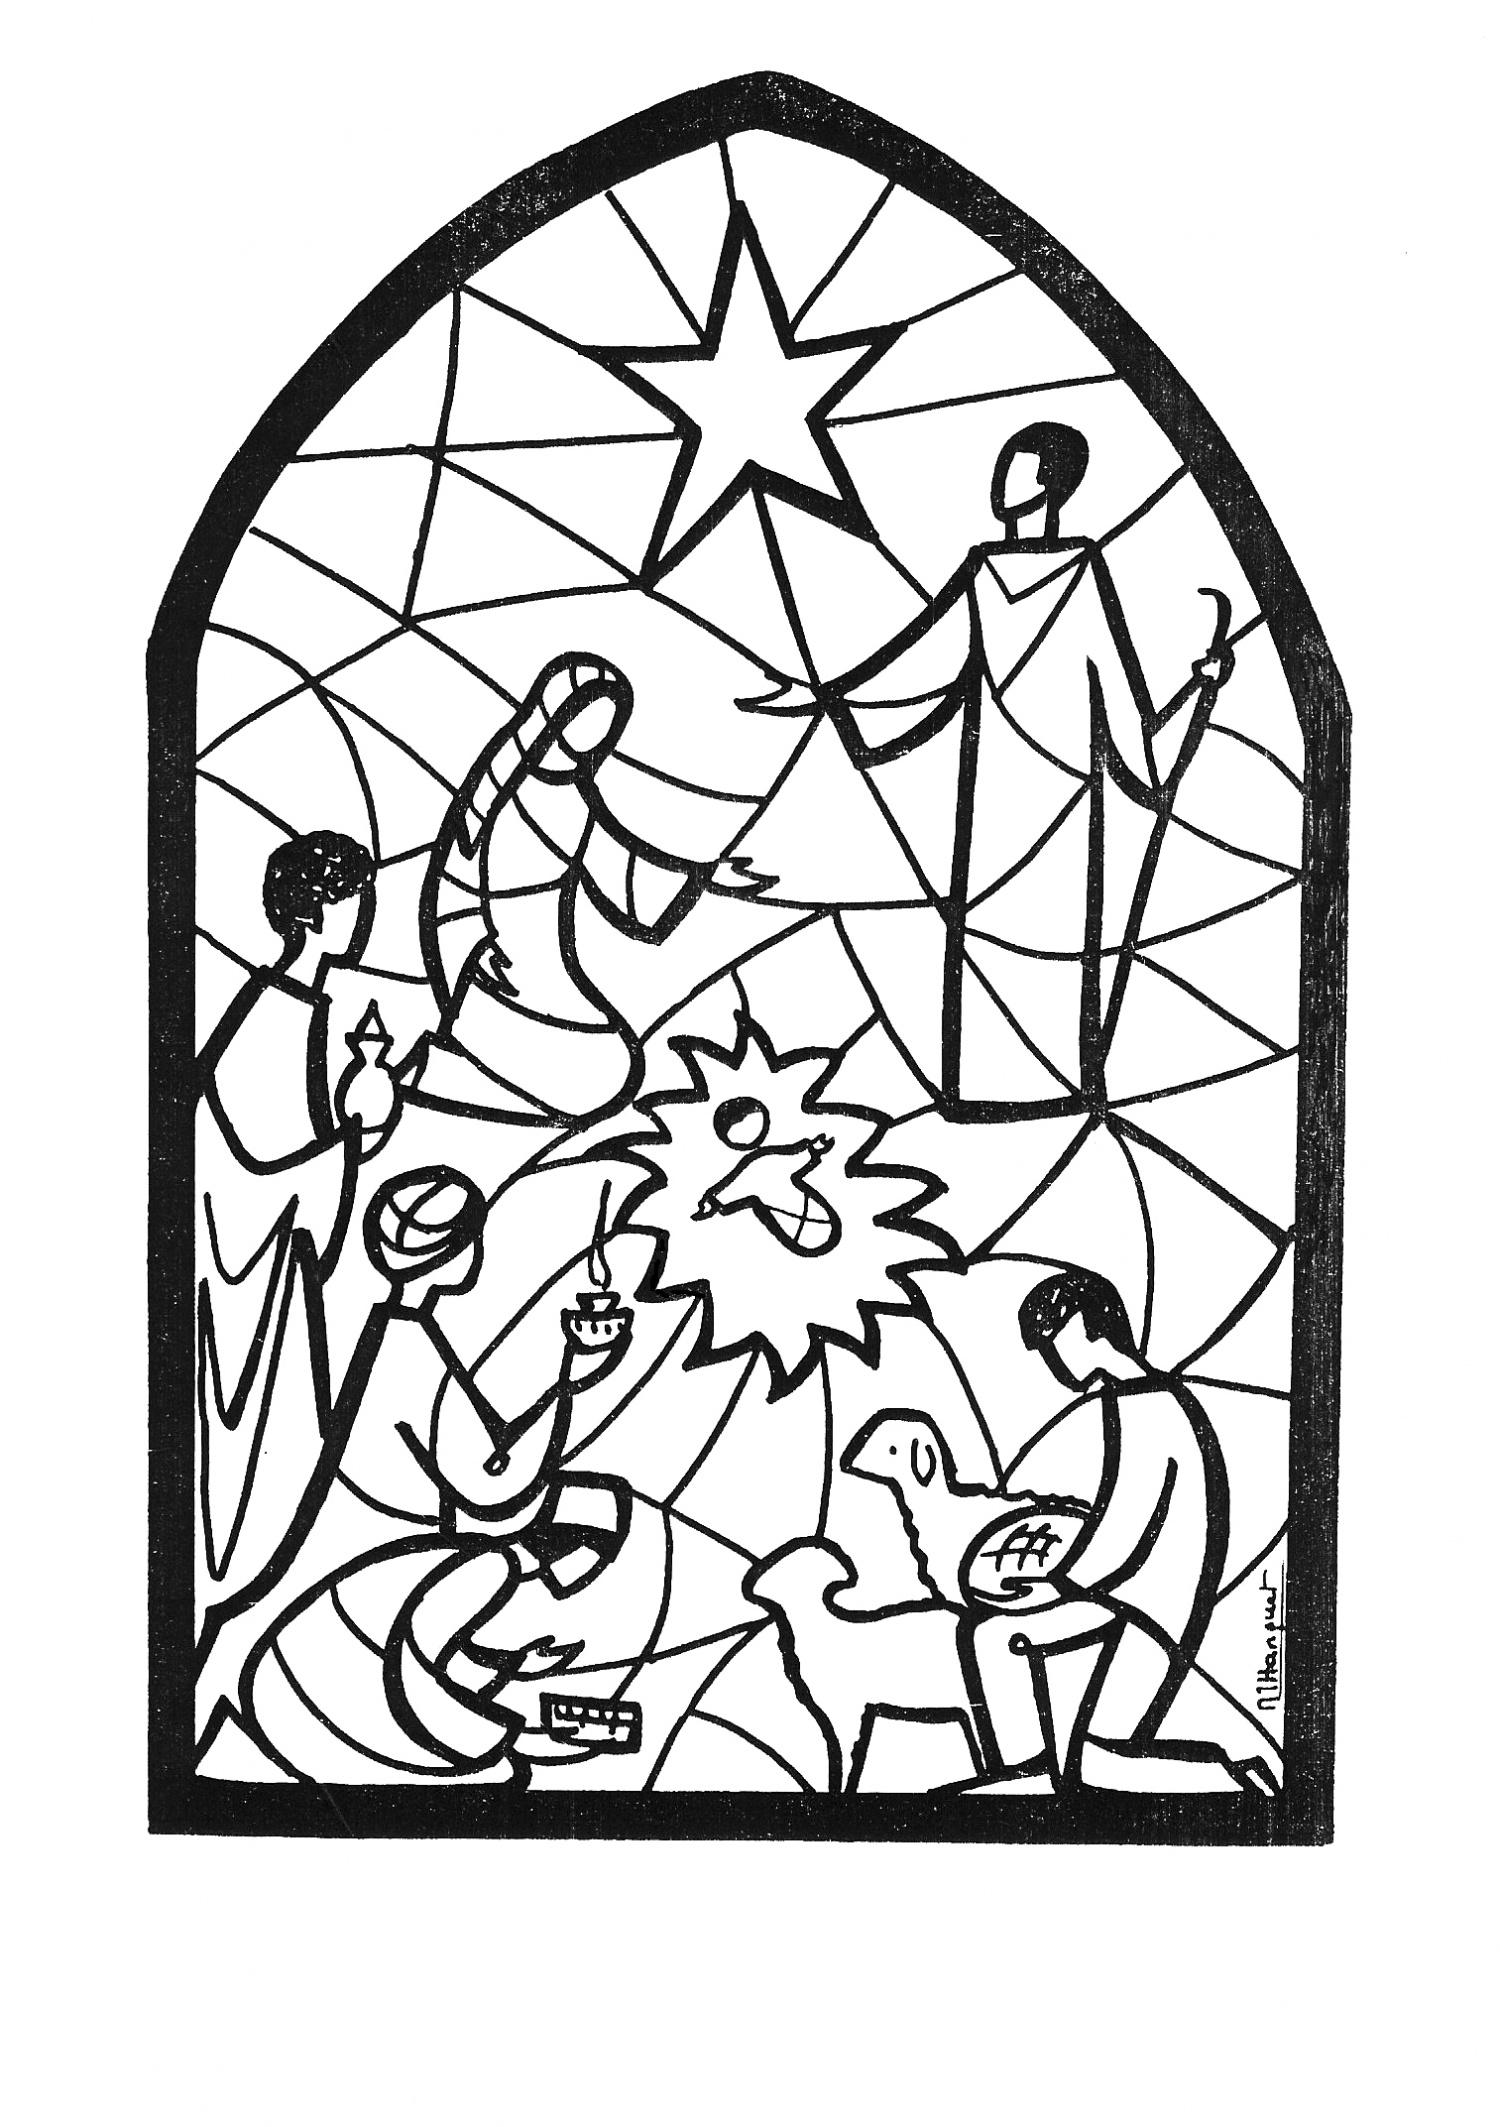 Kerst Julhandarbeten And Ramen